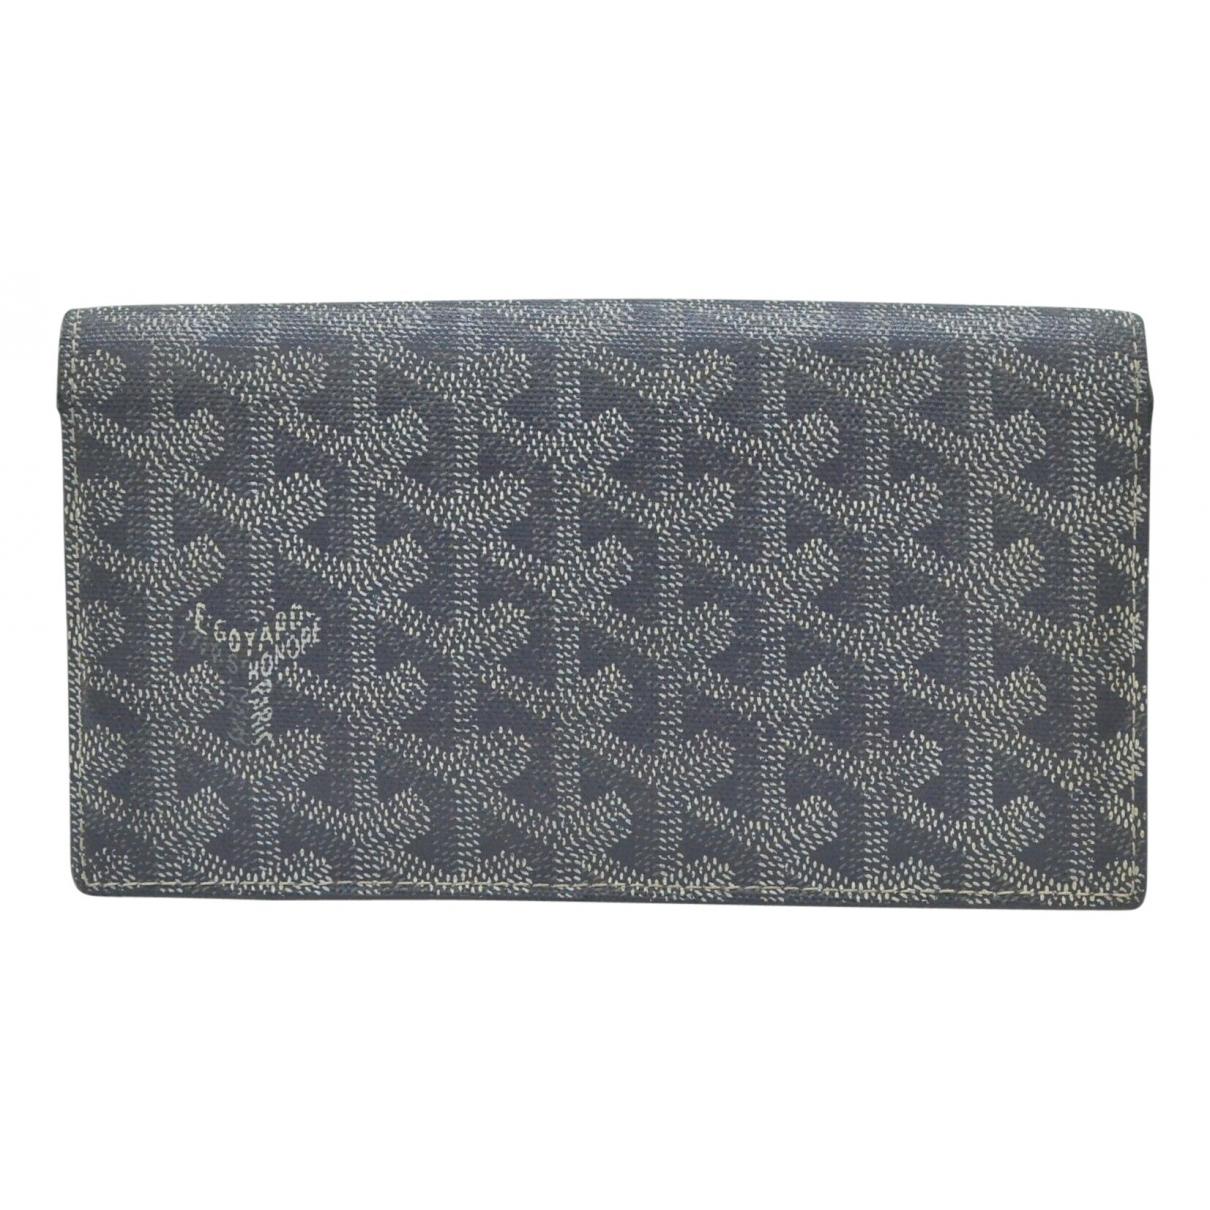 Goyard \N Grey Cloth wallet for Women \N